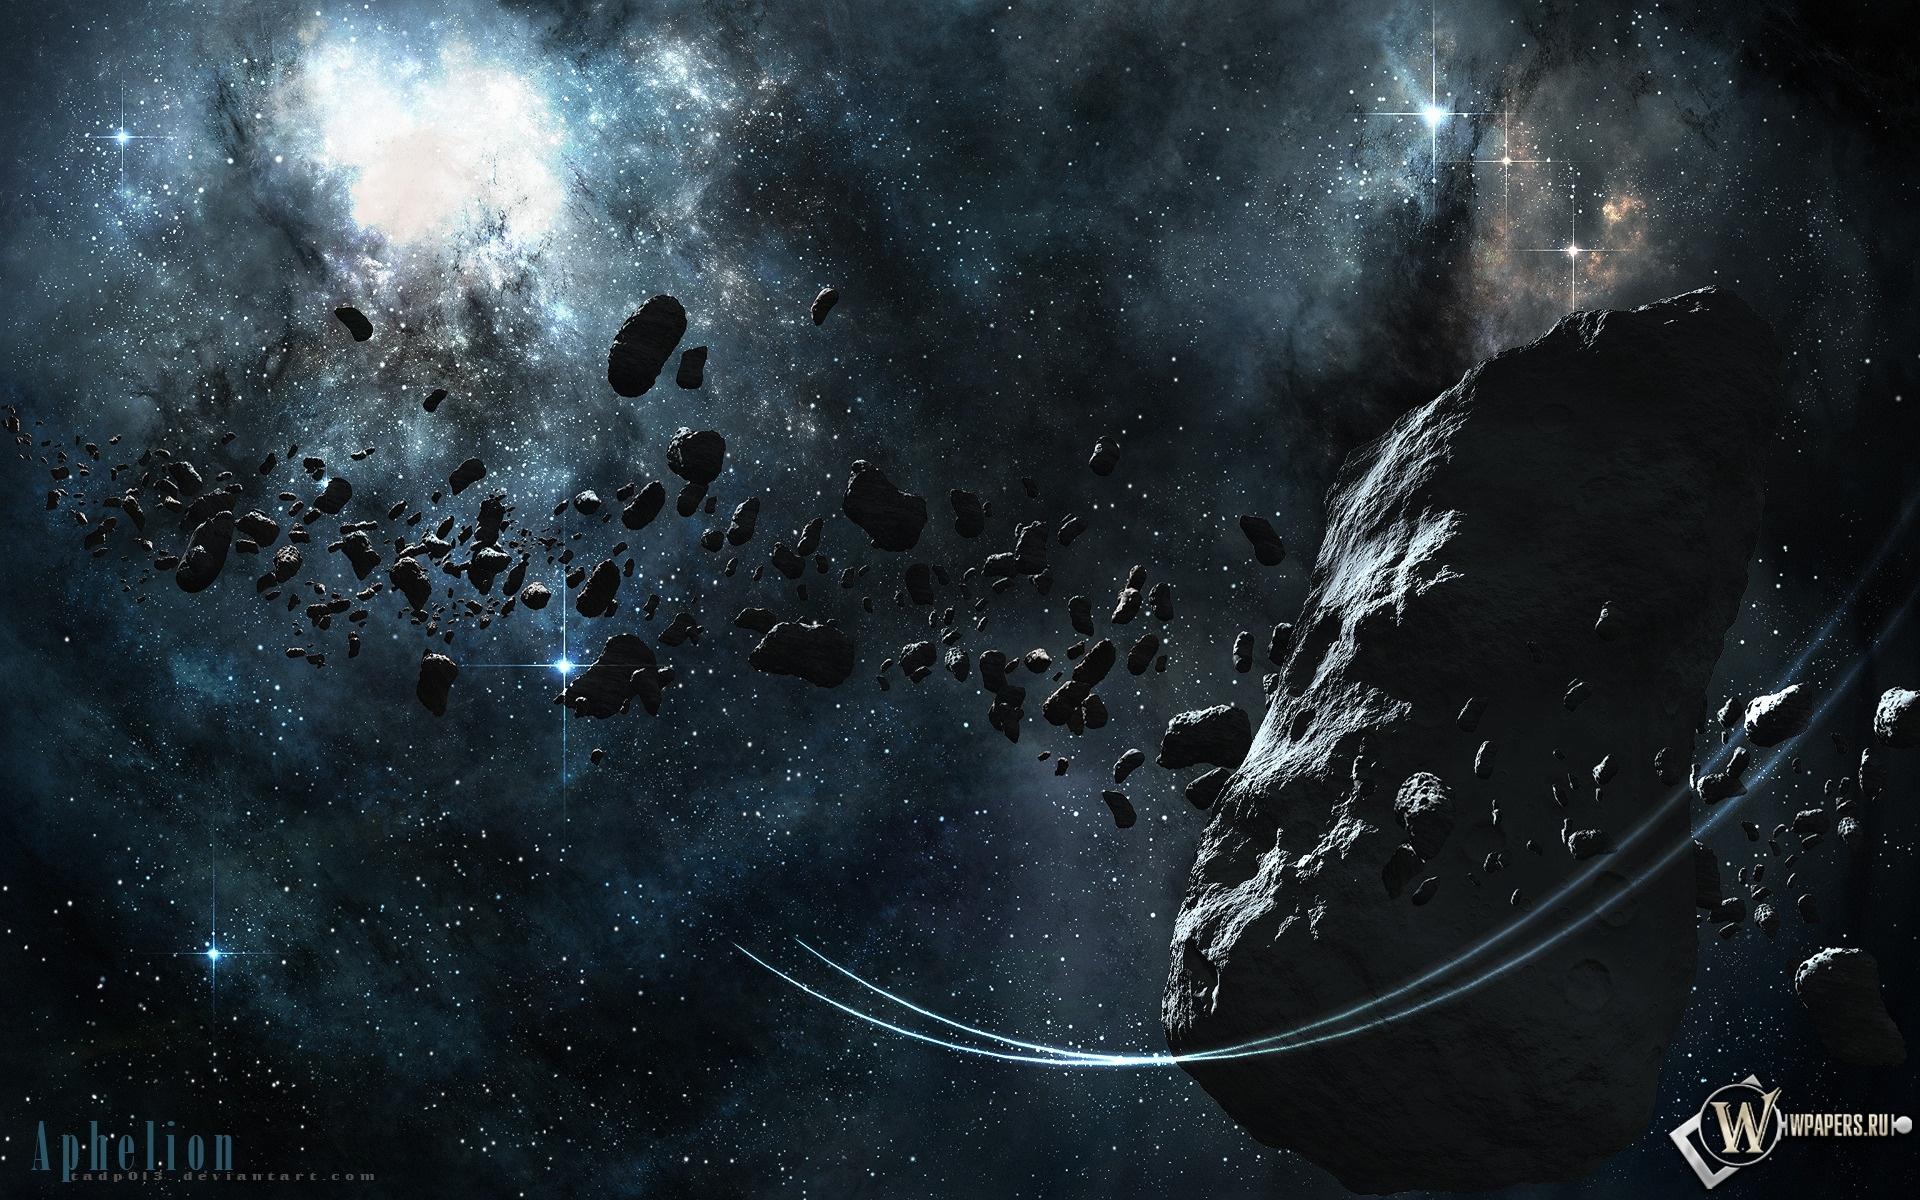 Астероид 1920x1200